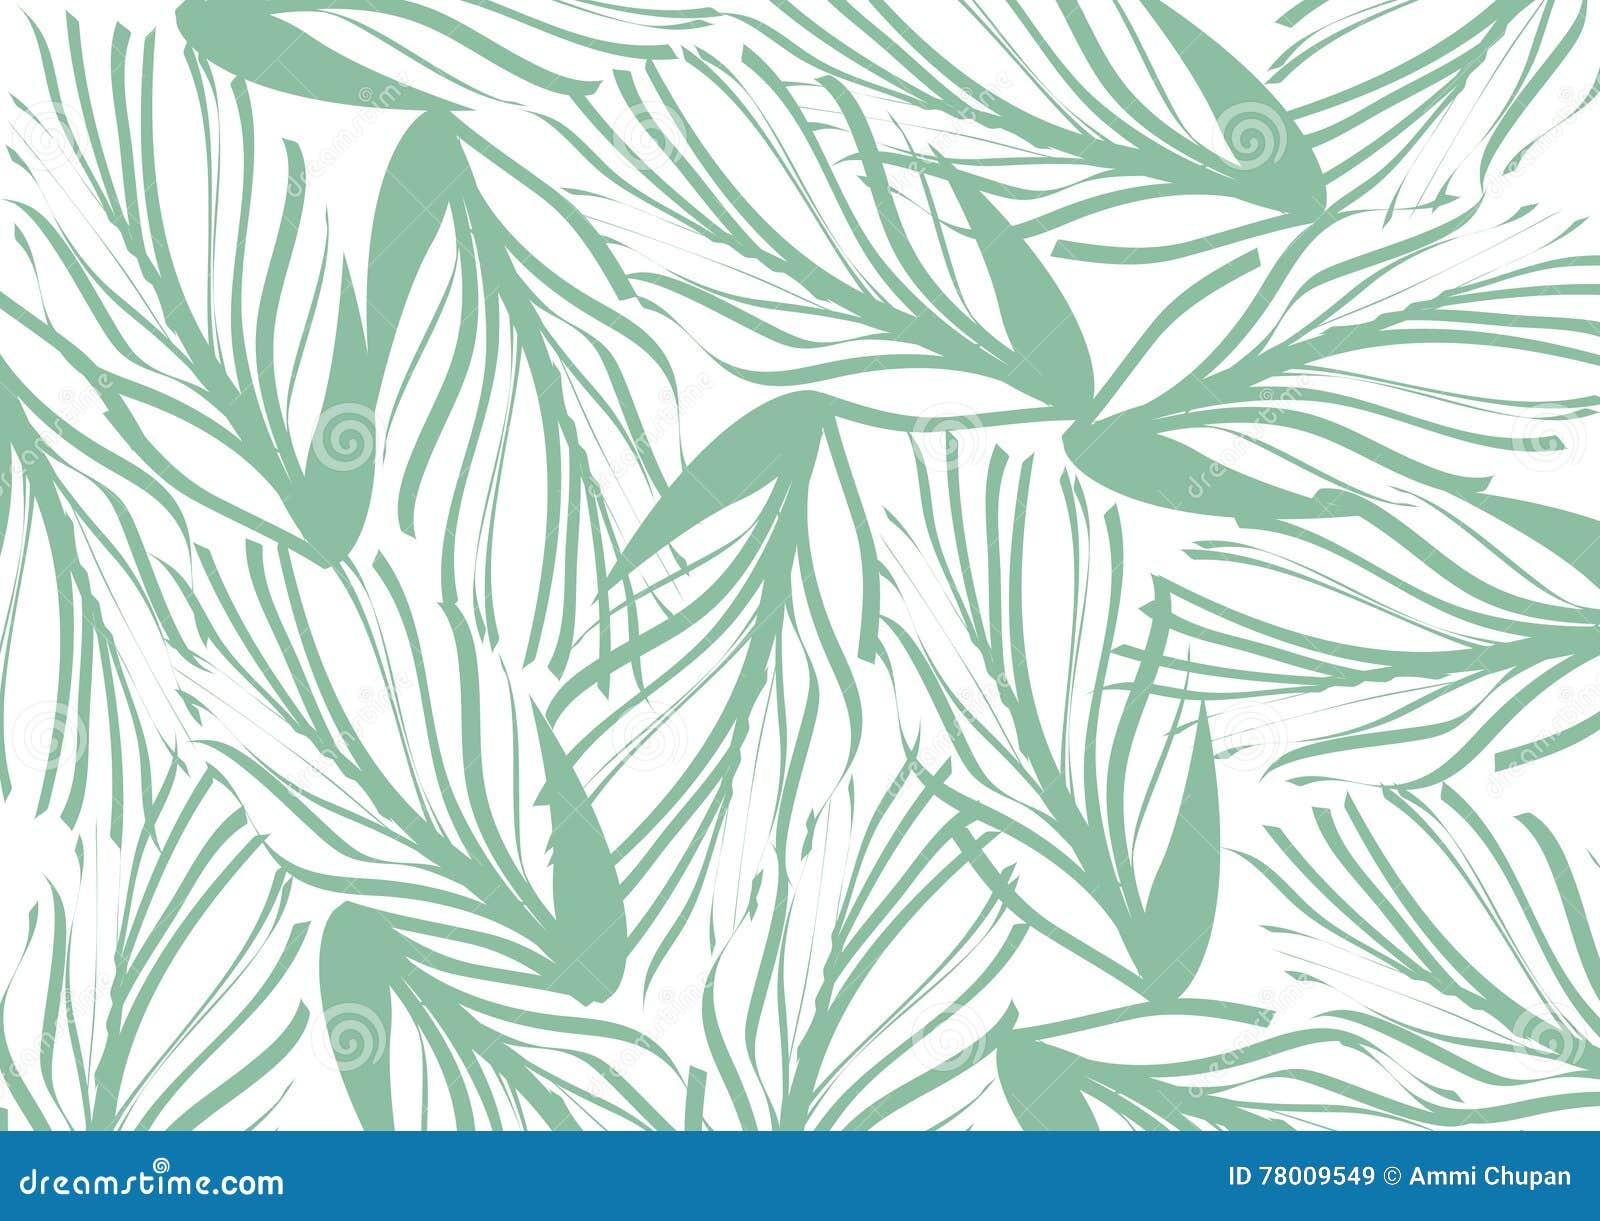 abstract natural green vector - photo #45